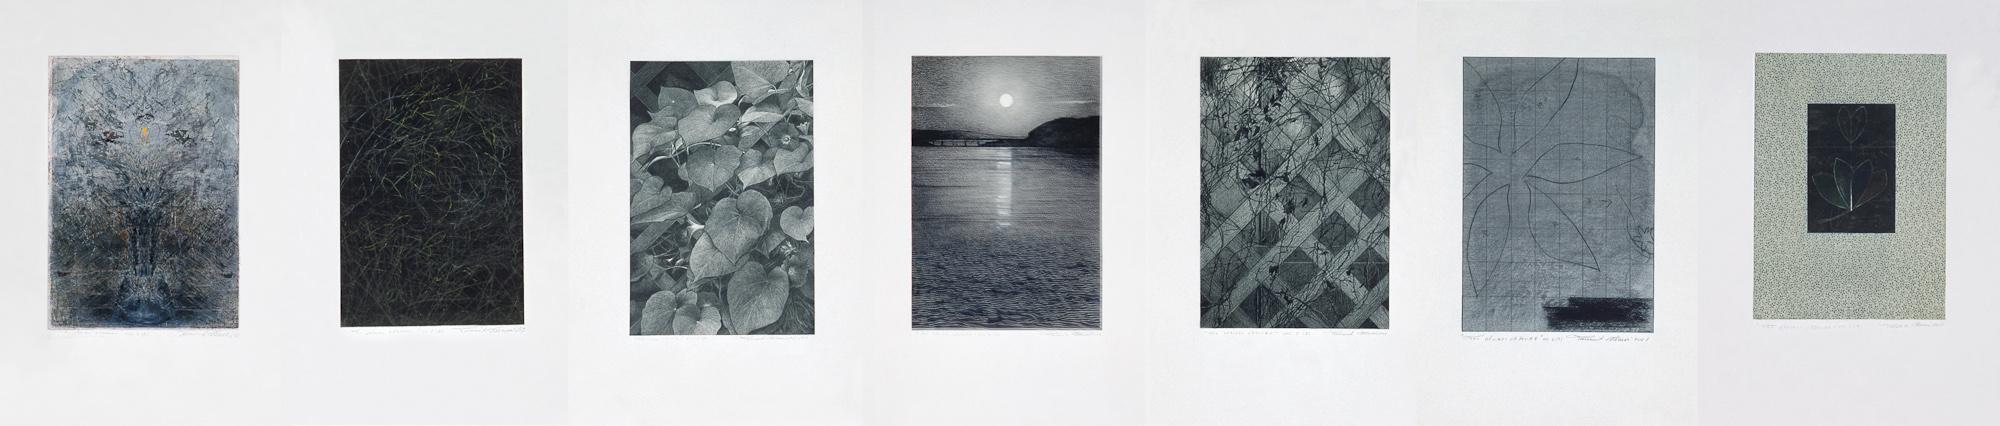 Les clairs-obscurs (série B), 1998 – 2001. Techniques mixtes sur papier fort , 42,5 x 210 cm.